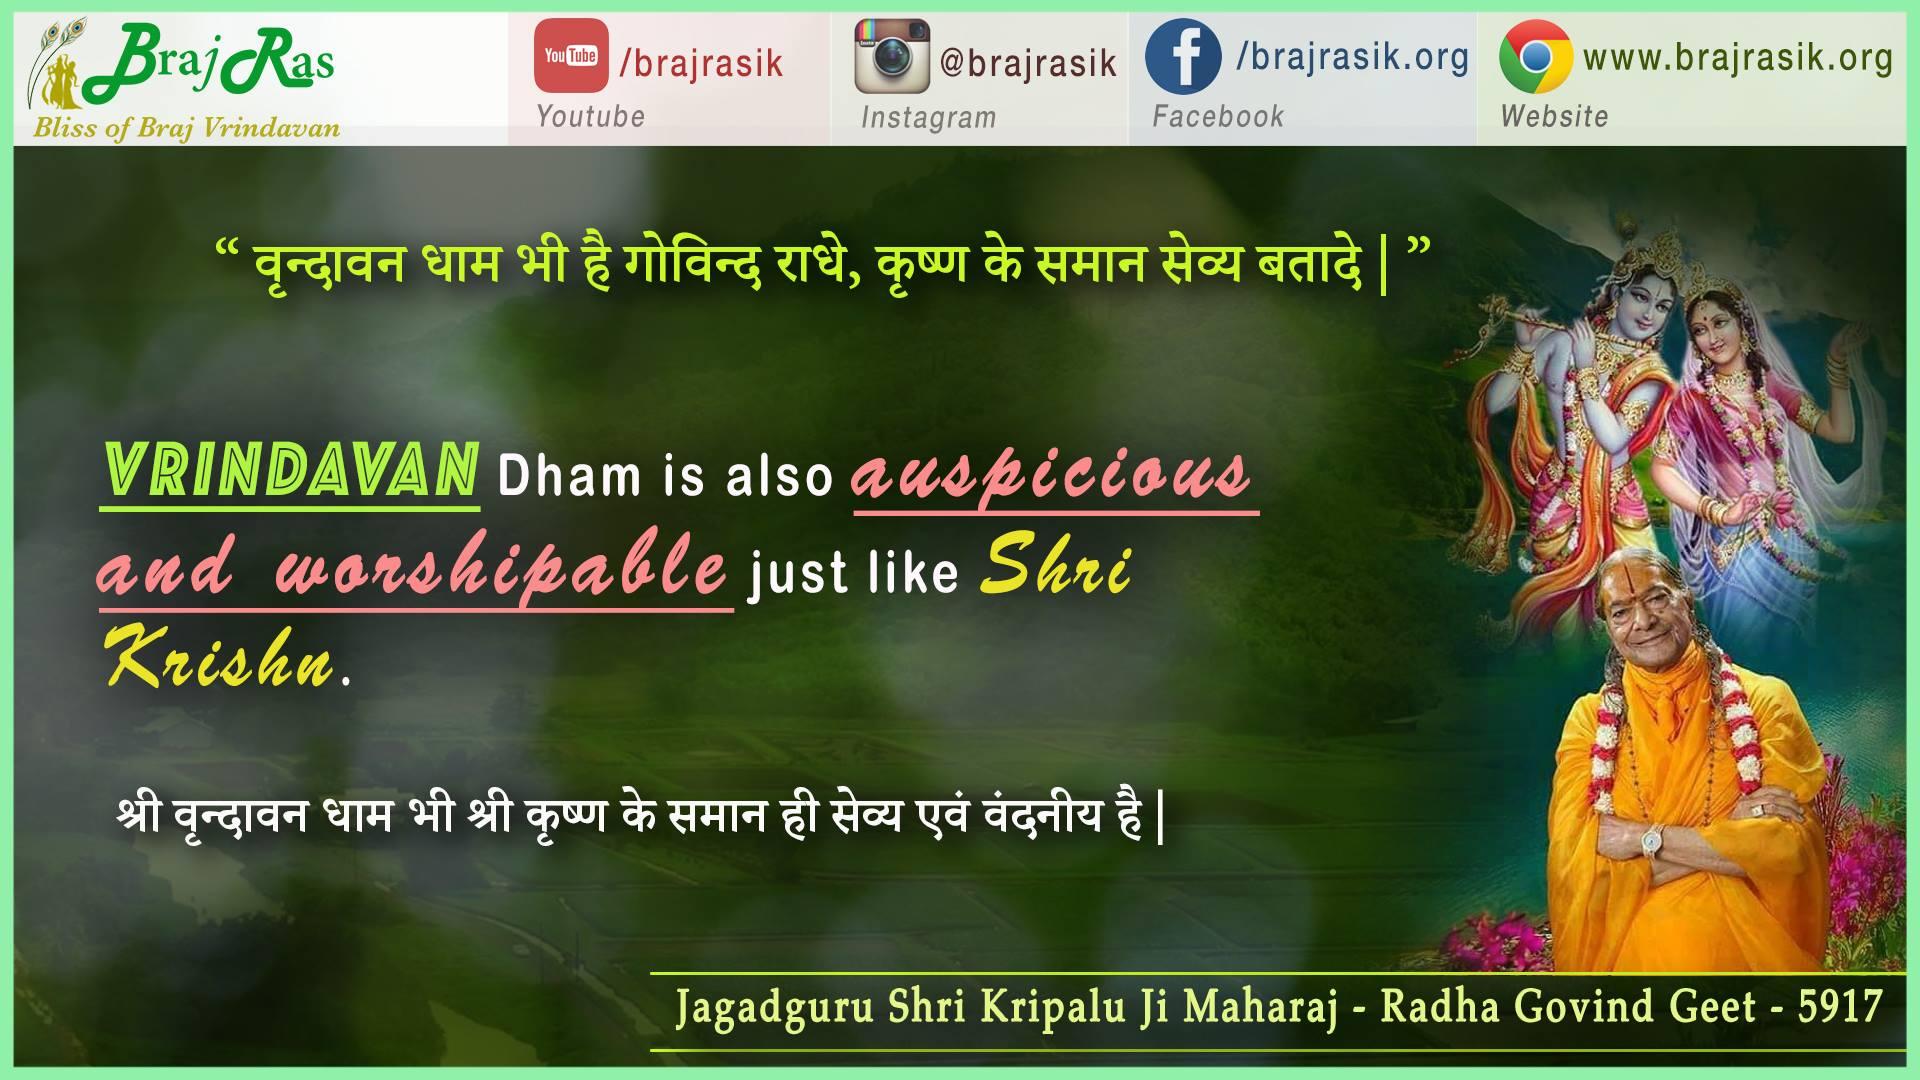 Vrindavan Dham Bhi Hai Govind Radhey - Jagadguru Shri Kripalu Ji Maharaj - Radha Govind Geet